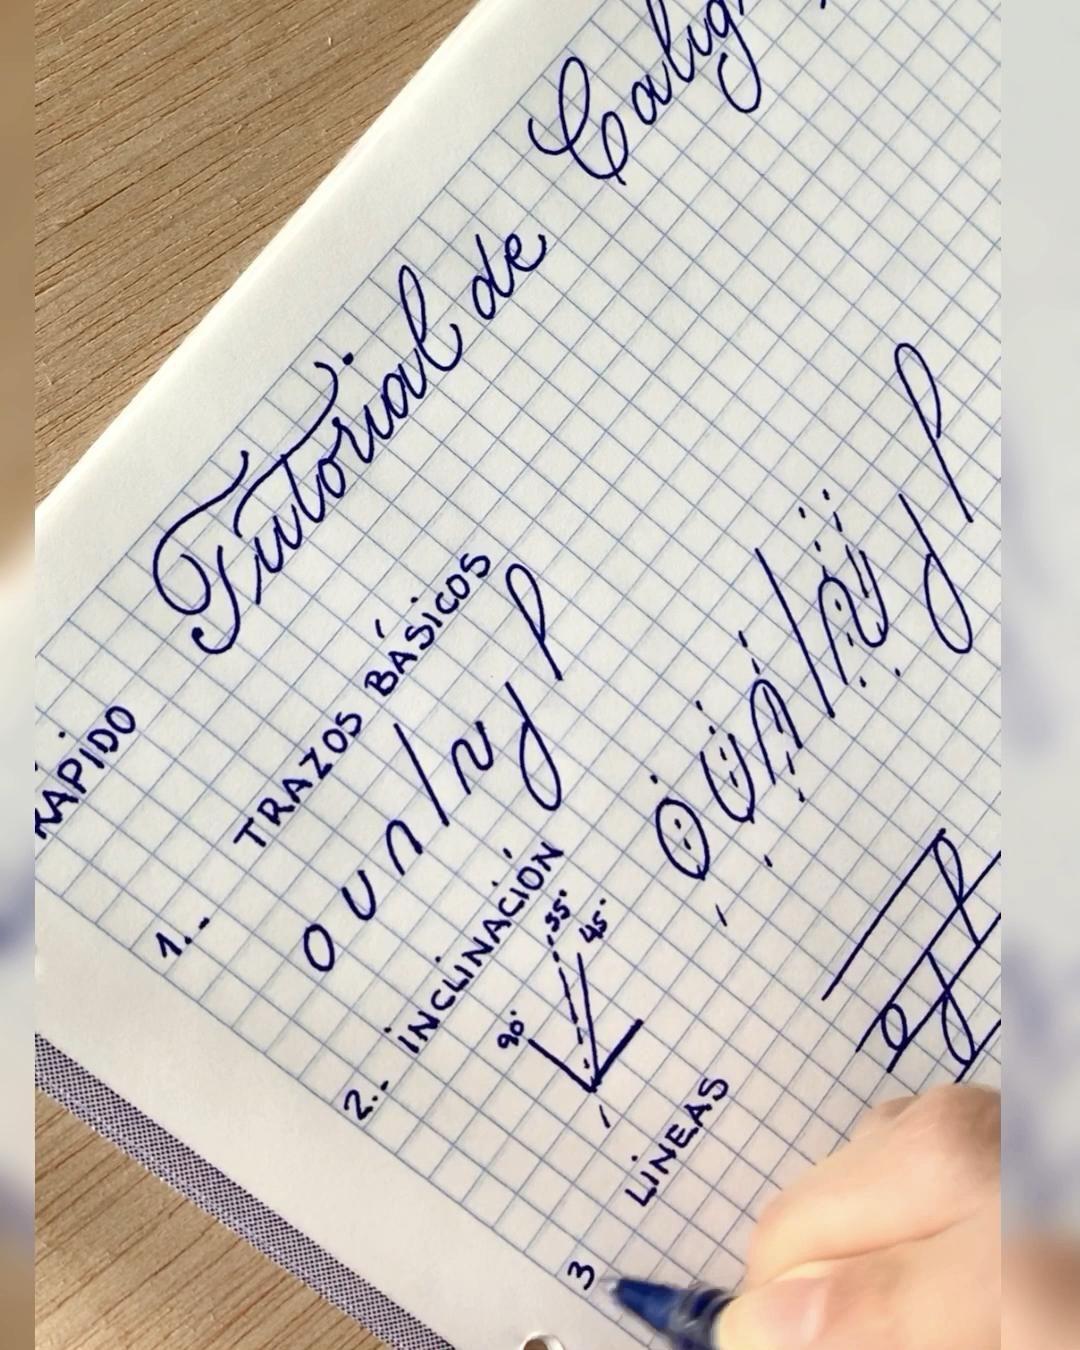 Rapido Tutorial De Caligrafia Video Tutorial De Caligrafia Tipos De Letras Abecedario Letras Del Alfabeto Para Impresion